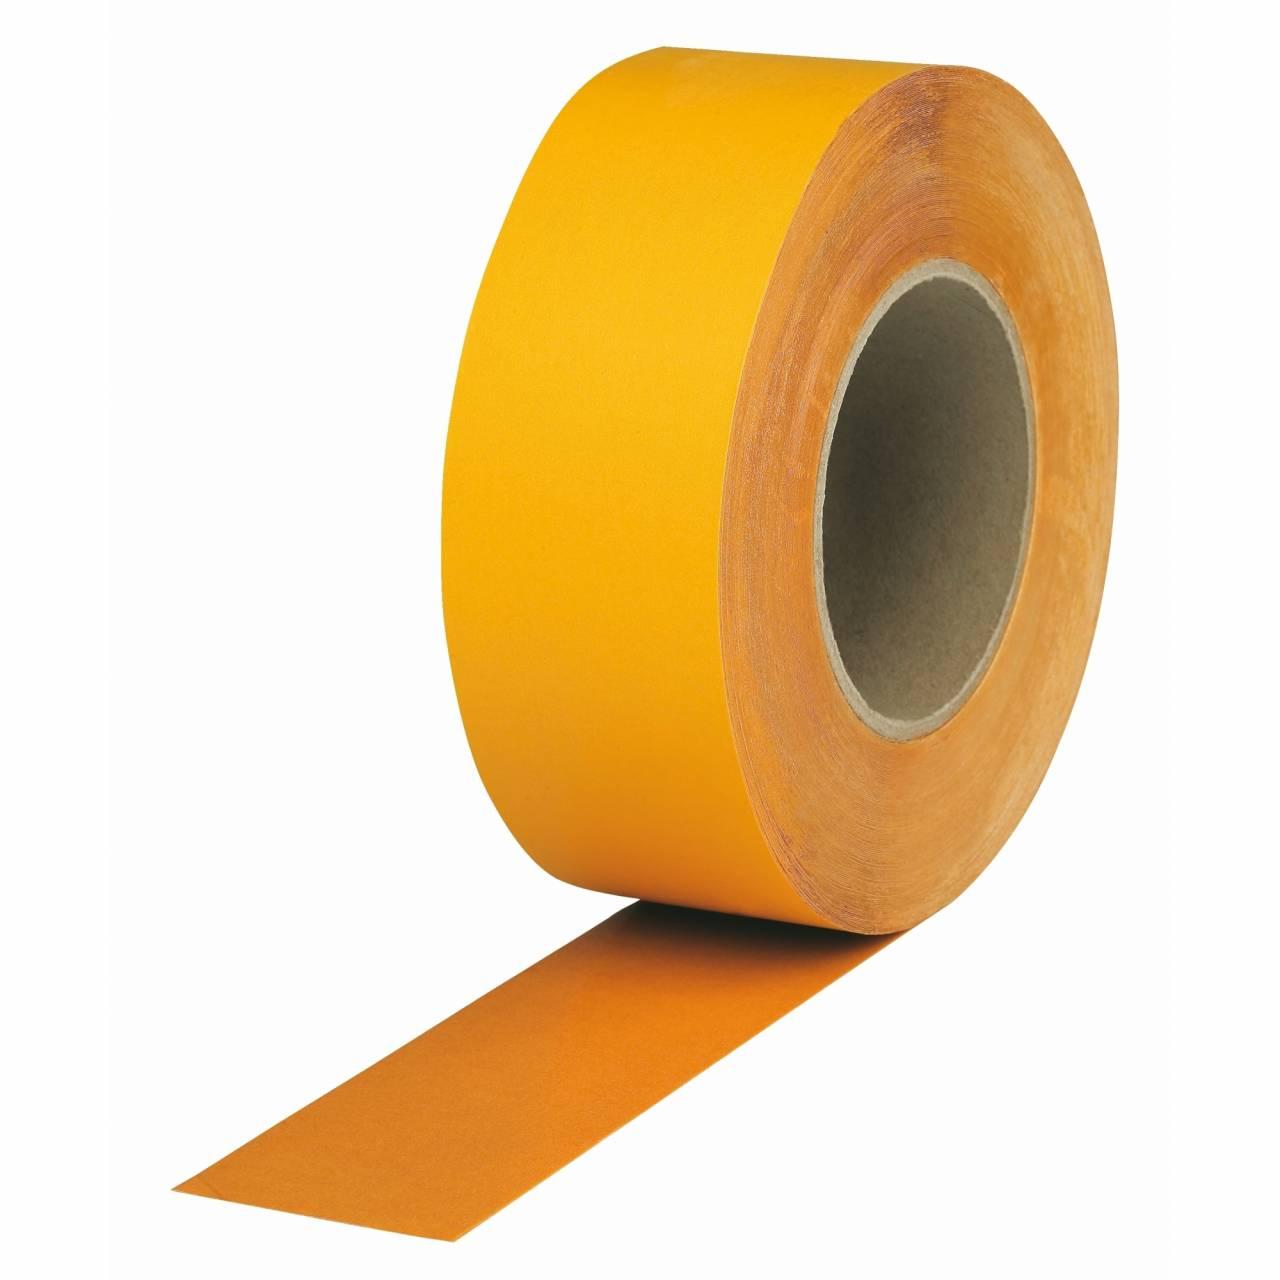 Dichtband 'KR-Plast' 60 mm x 40 m / Krt a 12 Rollen